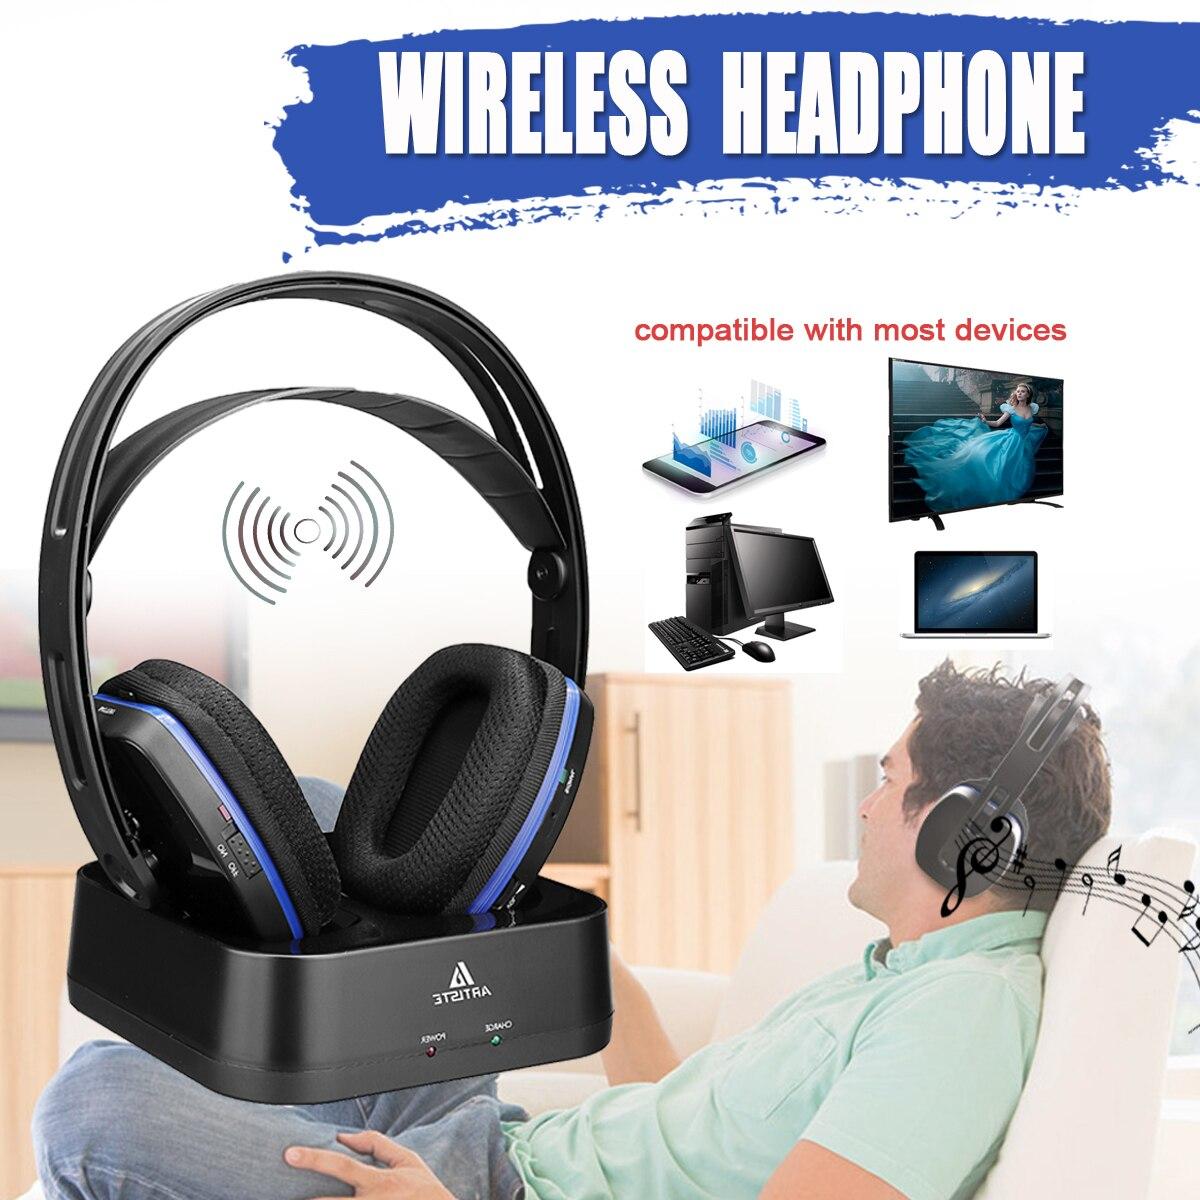 Artiste D2 2.4G HiFi stéréo bluetooth casque sans fil casque avec convertisseur de sortie numérique pour PC TV musique